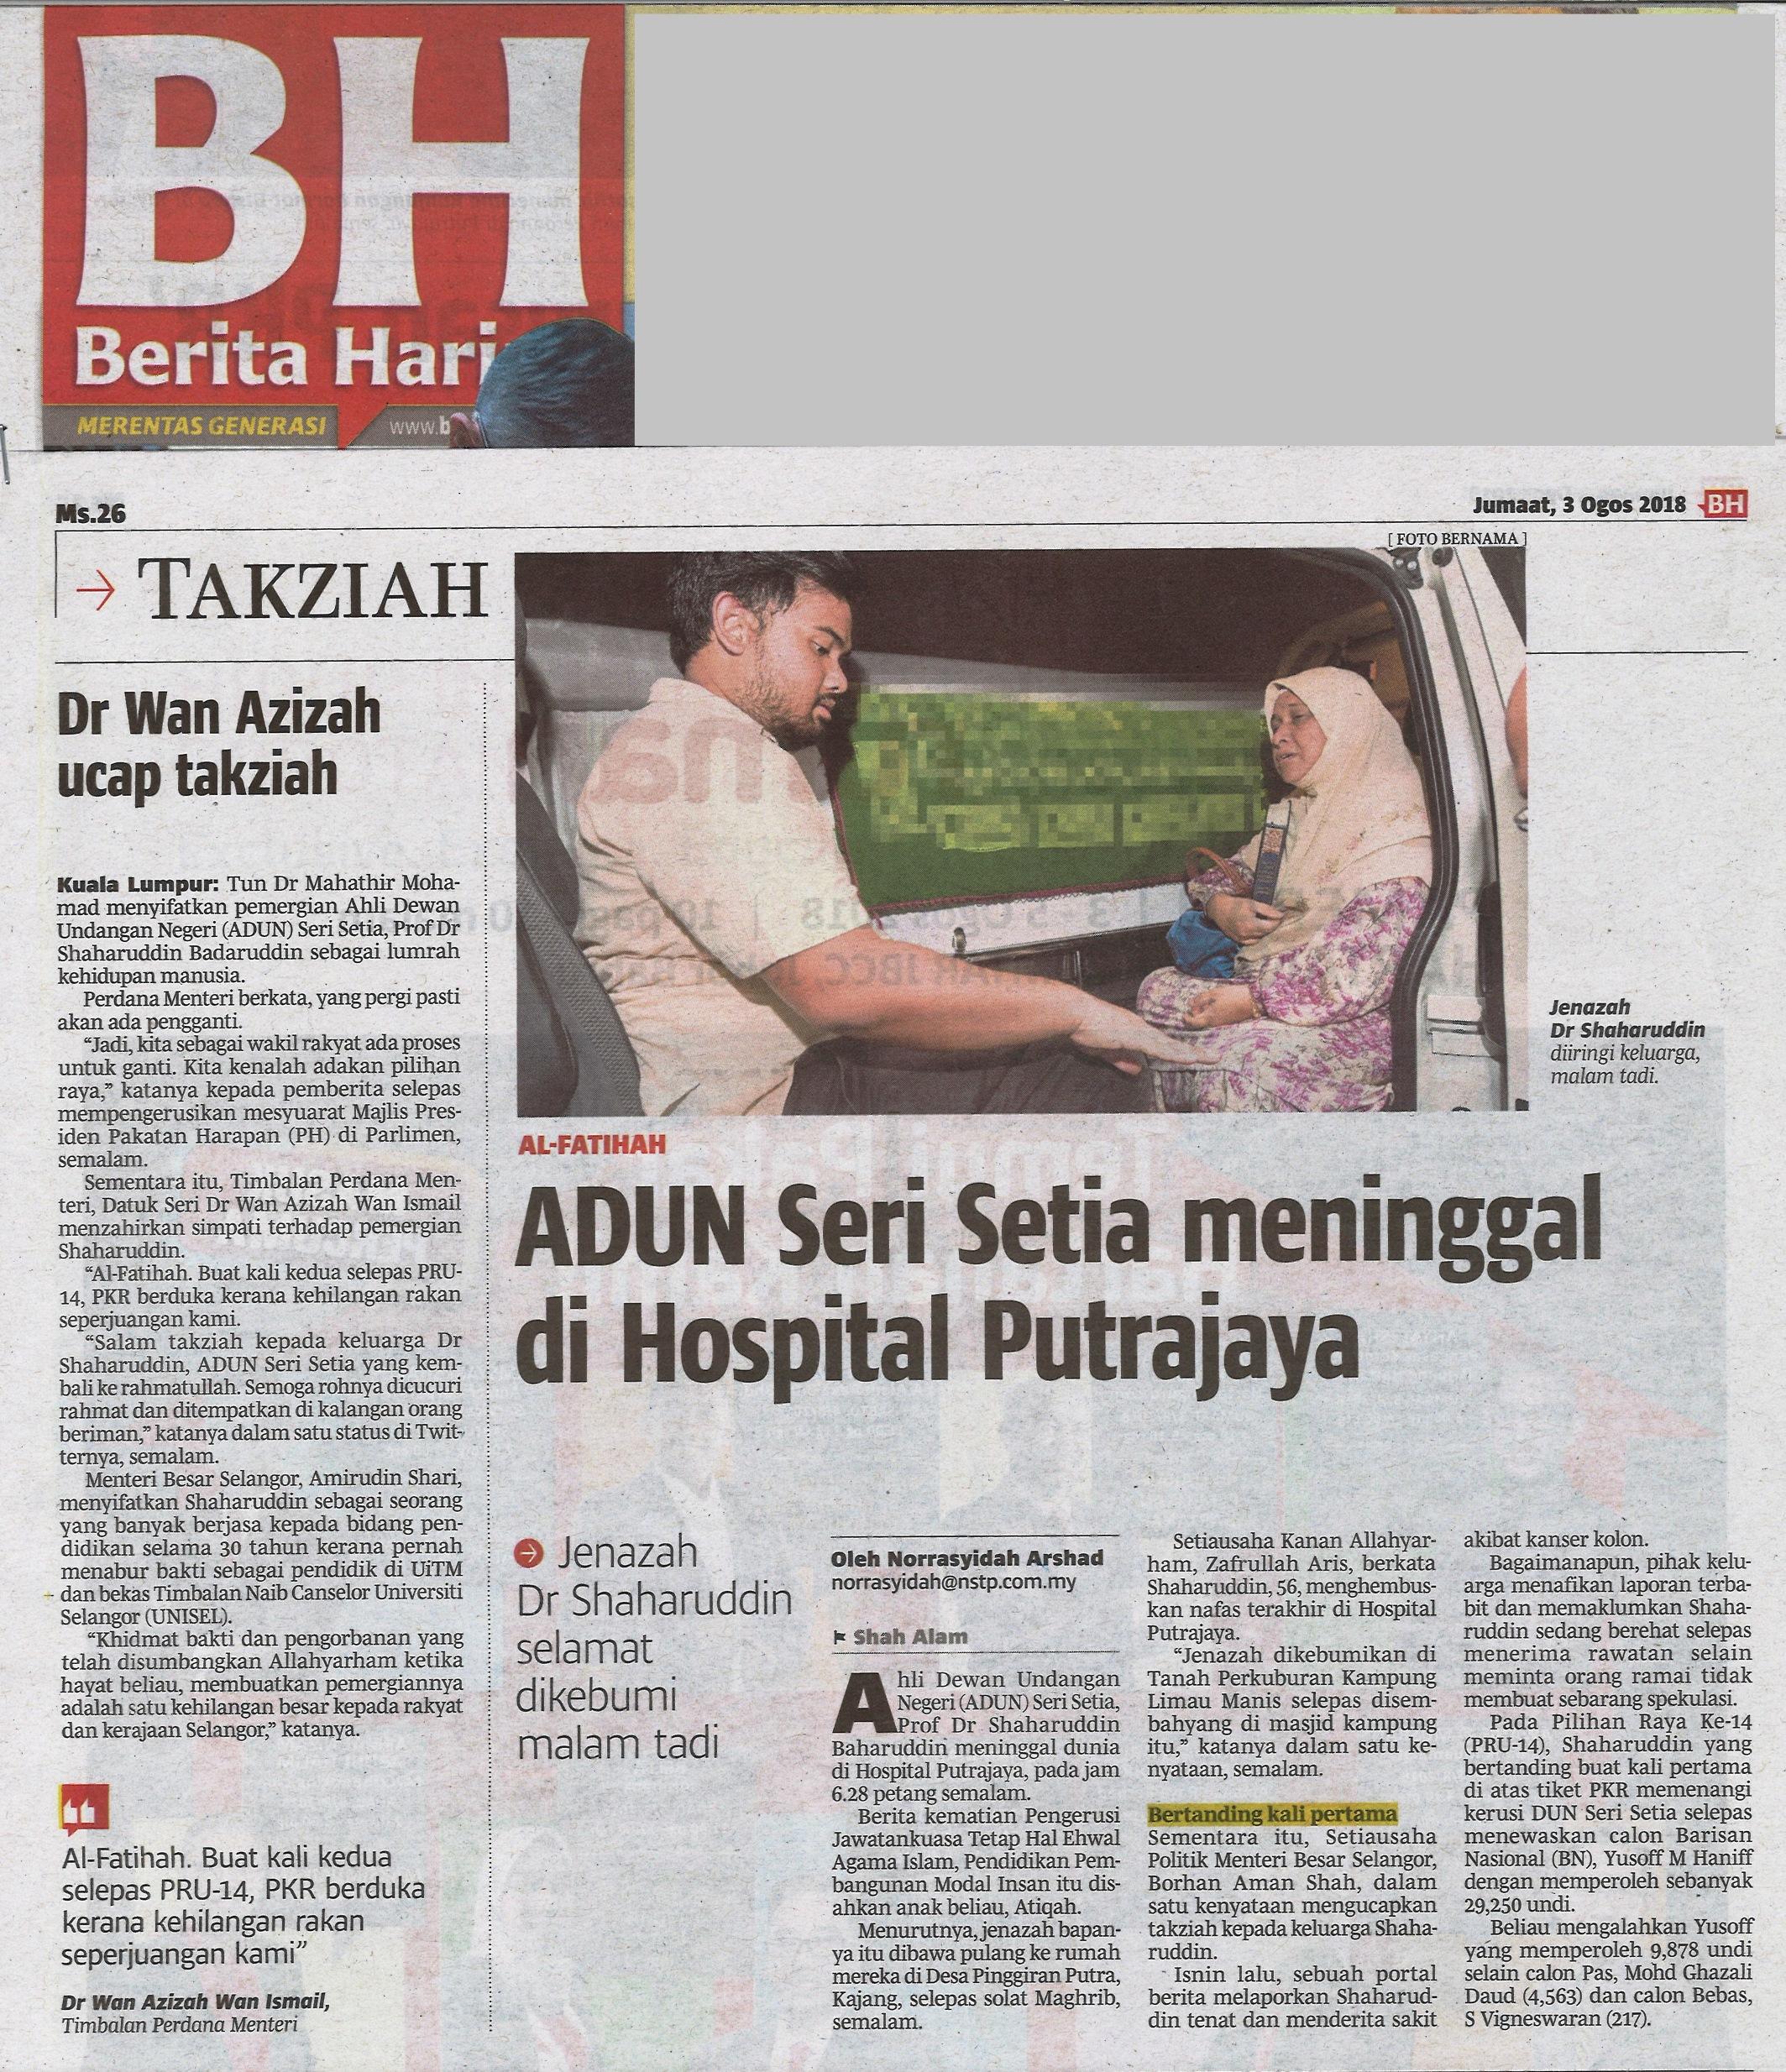 Berita Harian - 3 Ogos 2018 (Jumaat)